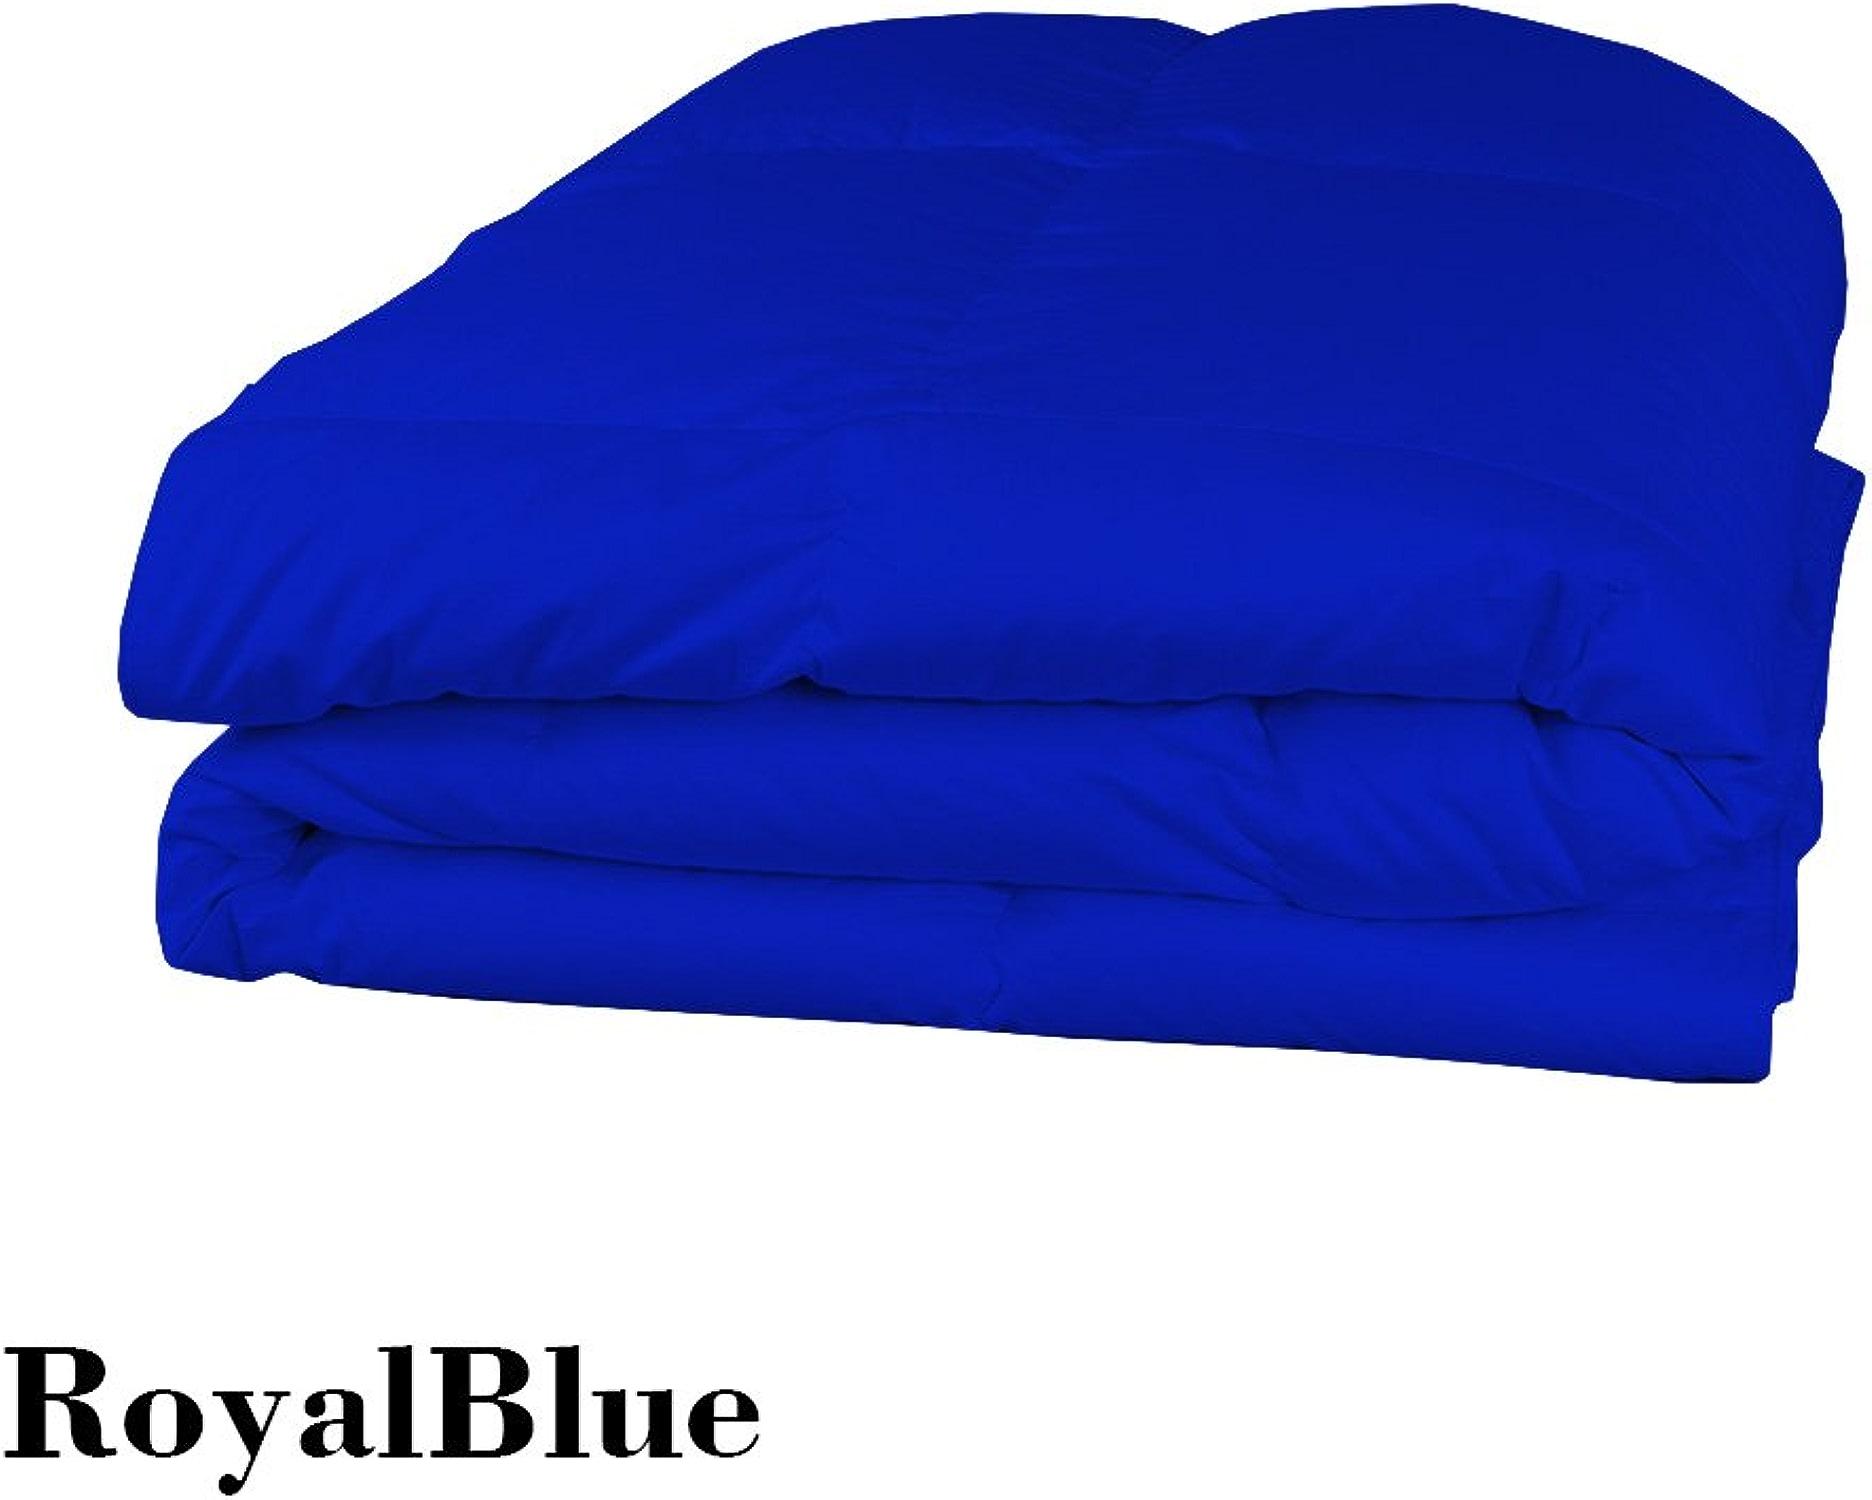 Dreamz Parure de lit Super Doux 250Fils 100% Coton 1Housse de Couette (200g m2 Fibre Fill) Single Long, Bleu Roi Bleu égypcravaten Solide Coton égypcravaten enveloppe Doudou